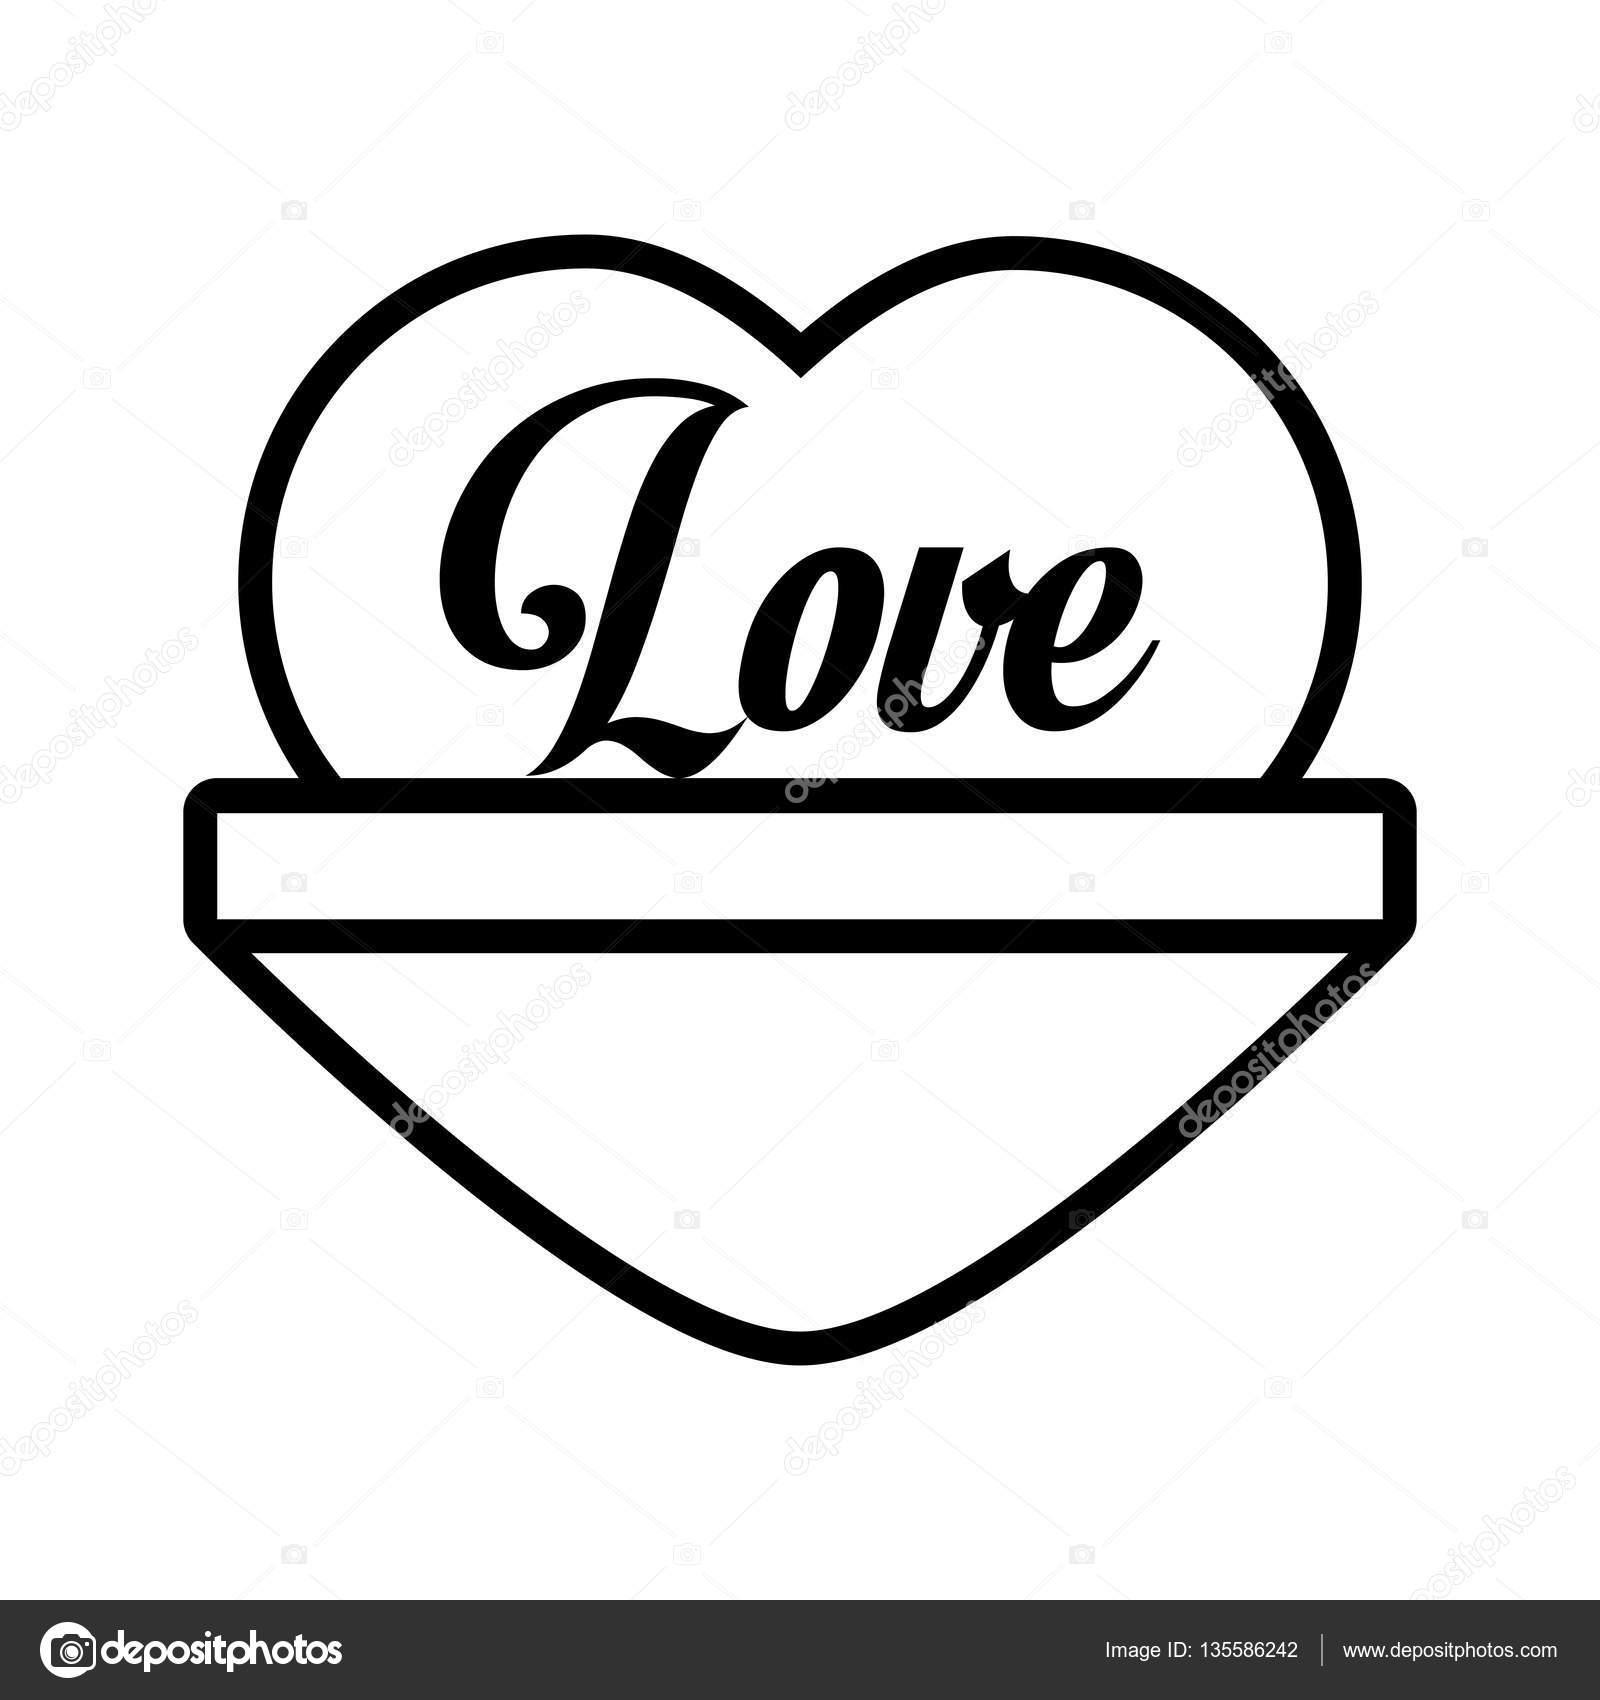 Love heart message outline stock vector djv 135586242 love heart message outline stock vector biocorpaavc